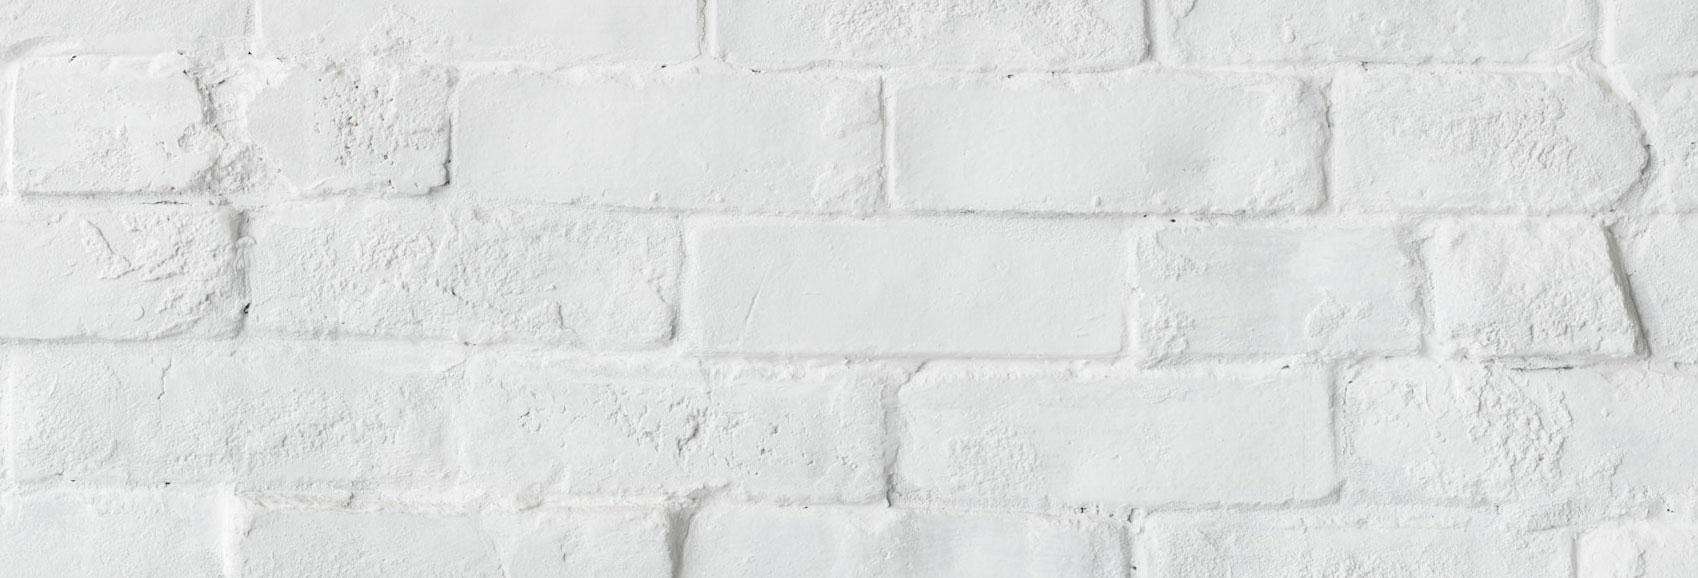 mur de briques Bradford